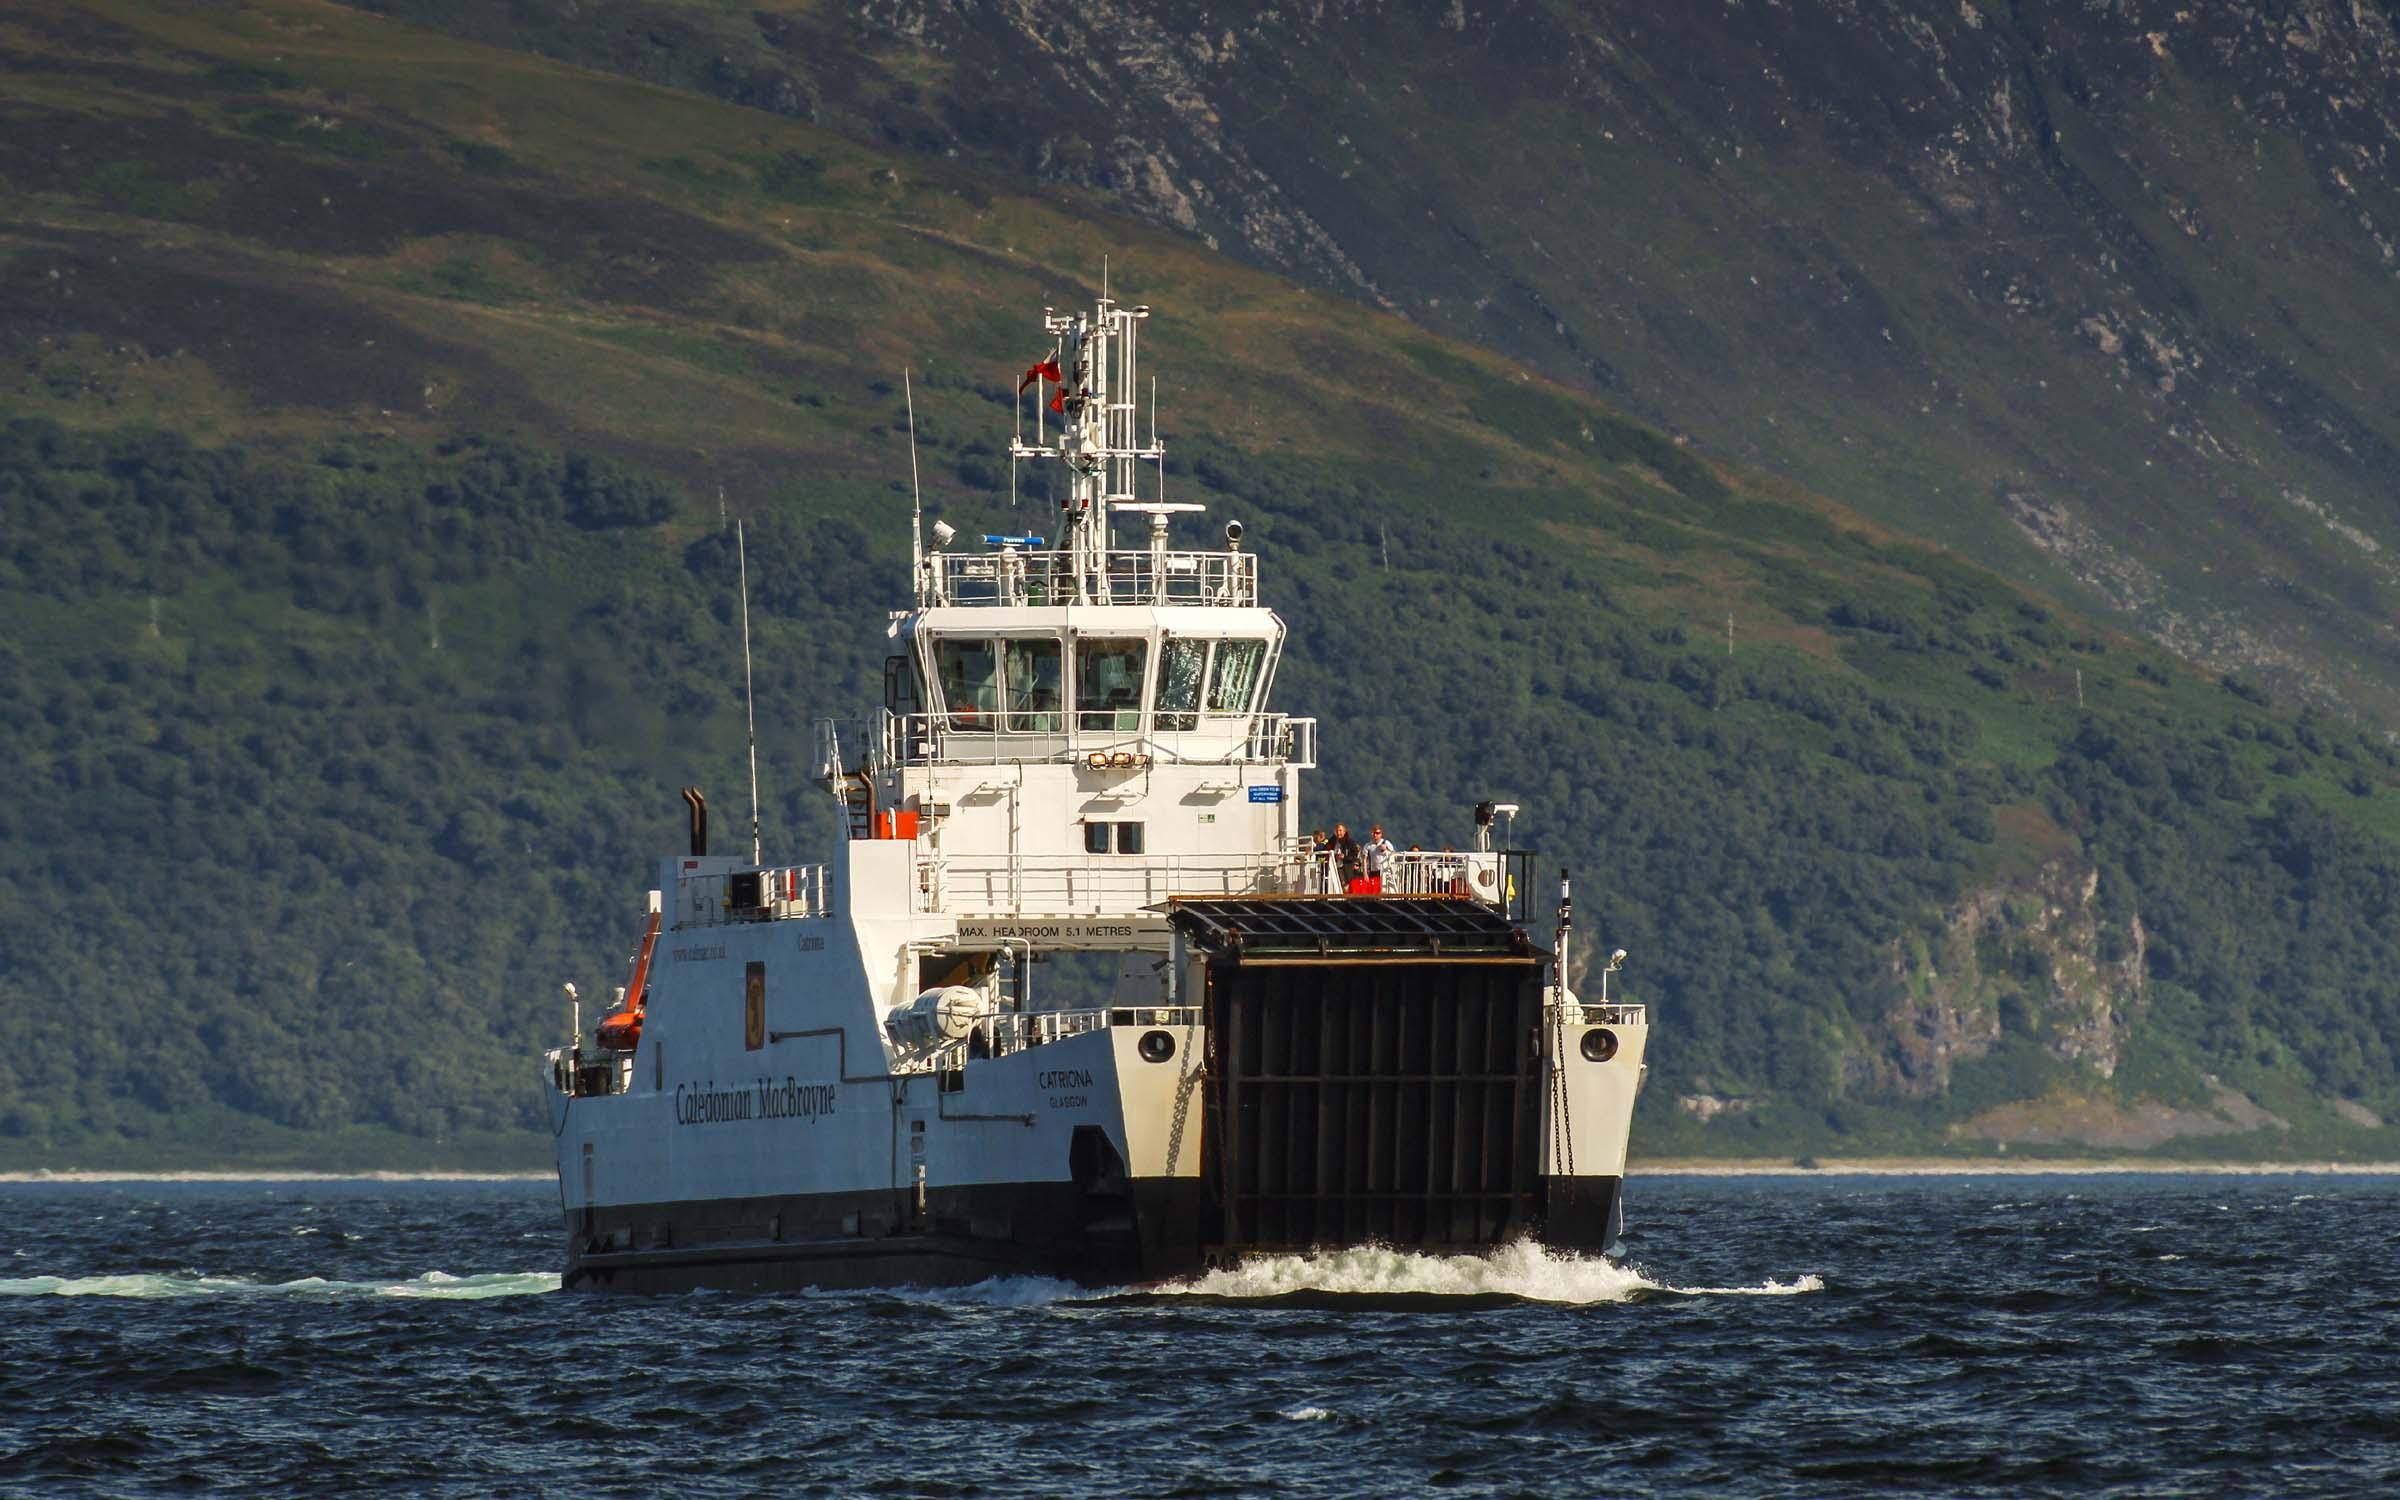 Catriona in the Kilbrannan Sound (Ships of CalMac)